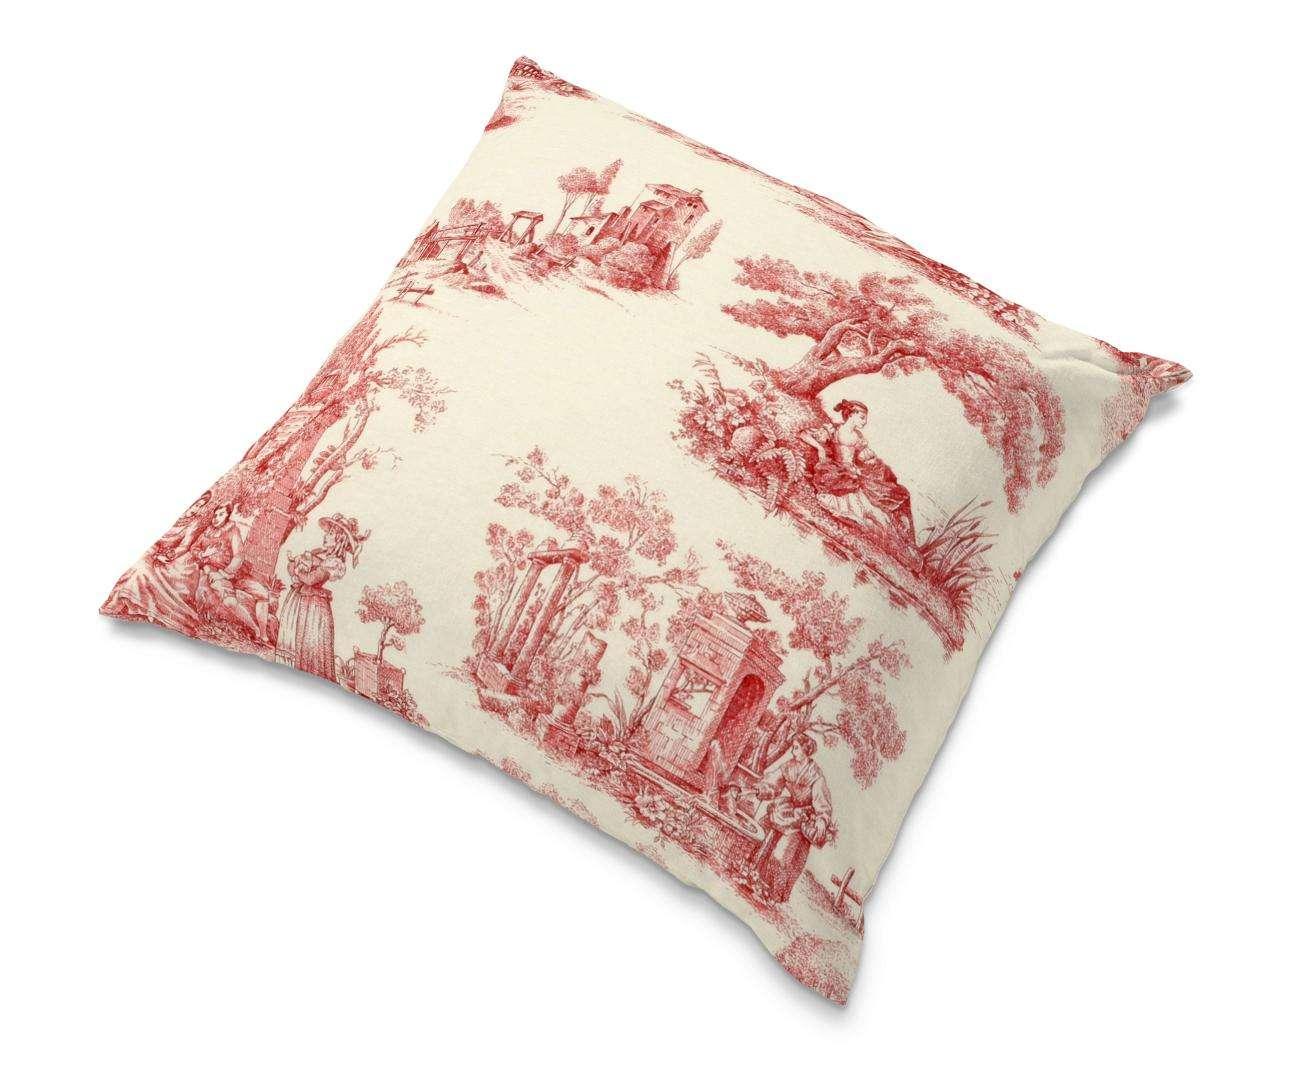 TOMELILLA pagalvėlės užvalkalas 55 x 55 cm kolekcijoje Avinon, audinys: 132-15